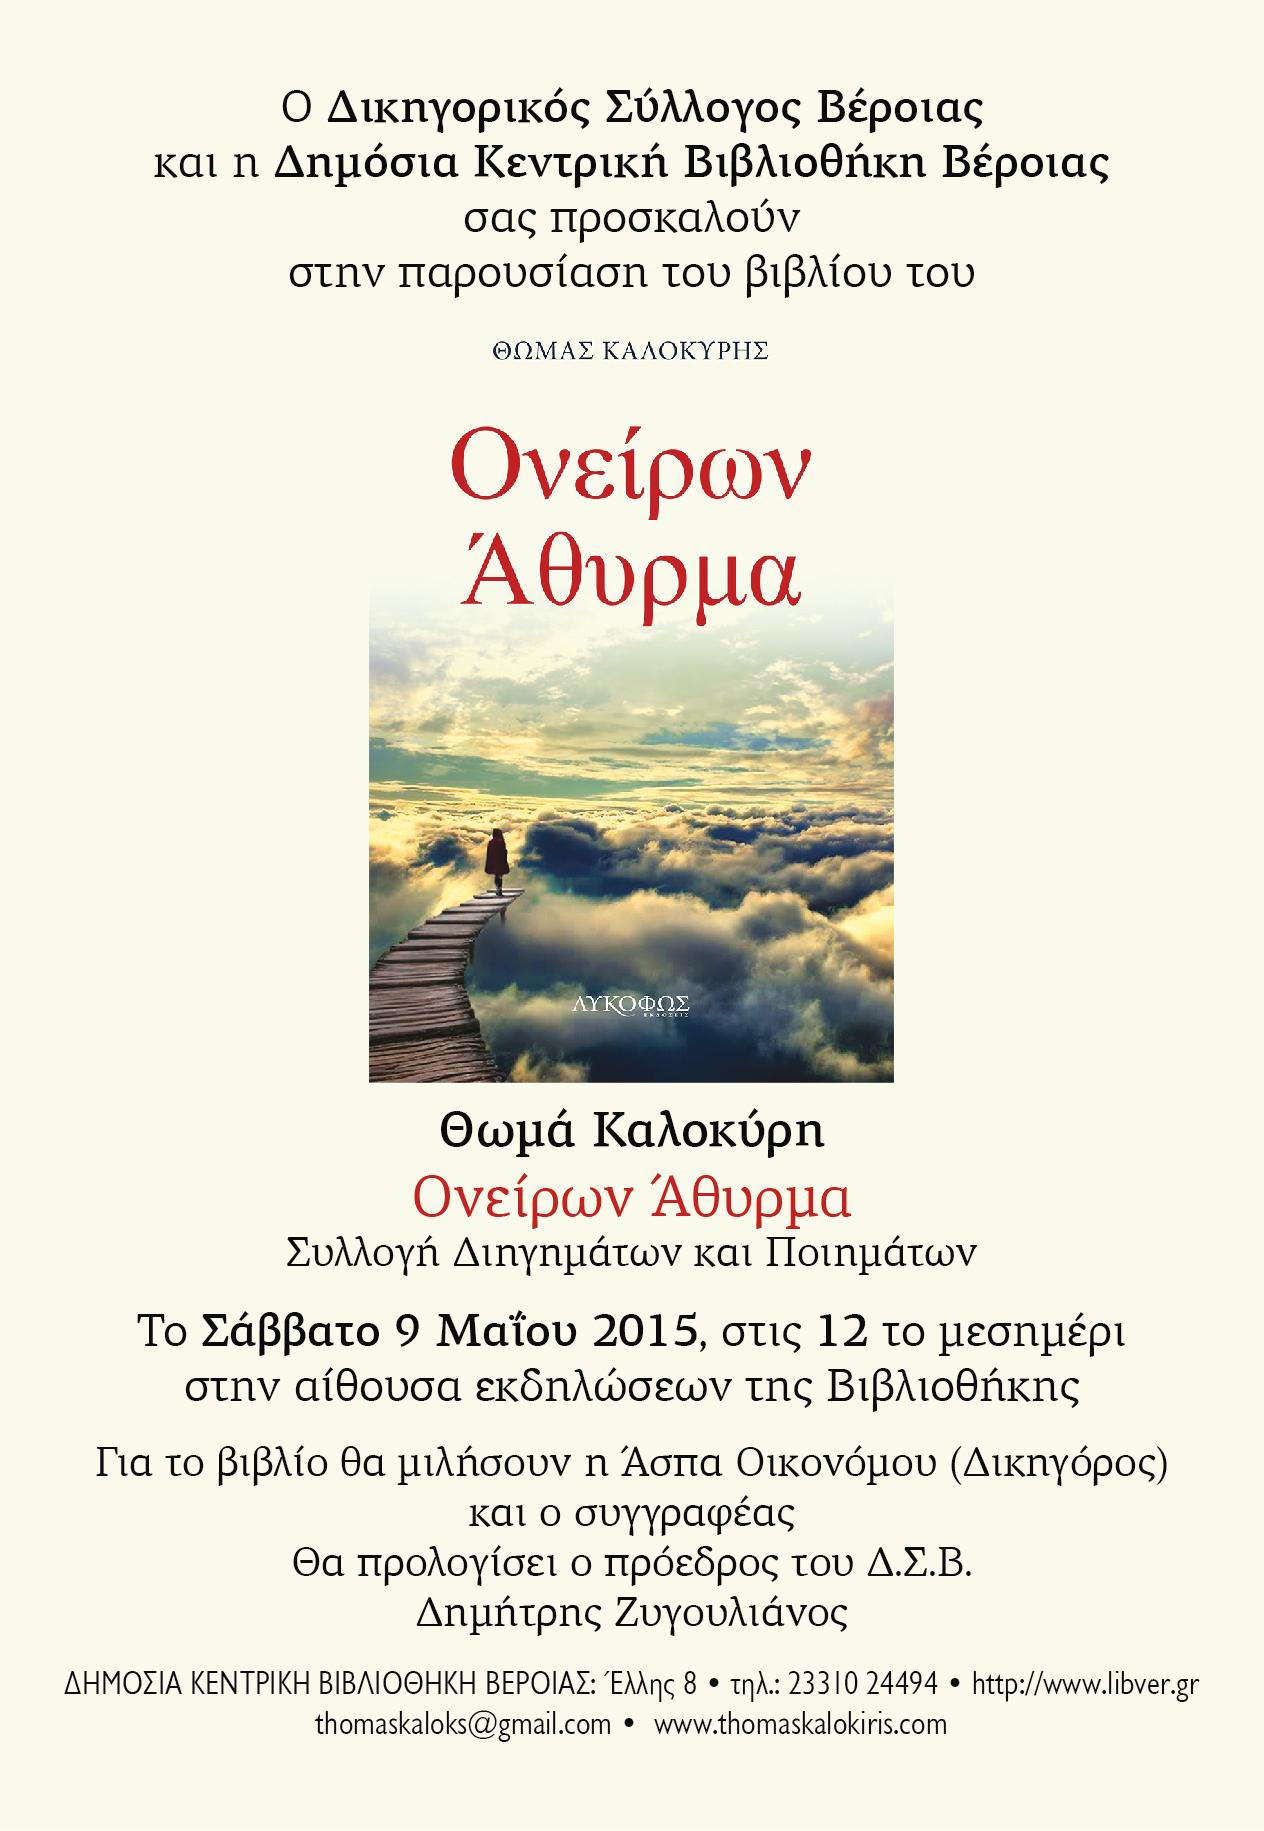 Παρουσιάσεις βιβλίων, την εβδομάδα 4-9 Μαϊου 2015, στη Δημόσια Κεντρική Βιβλιοθήκη της Βέροιας